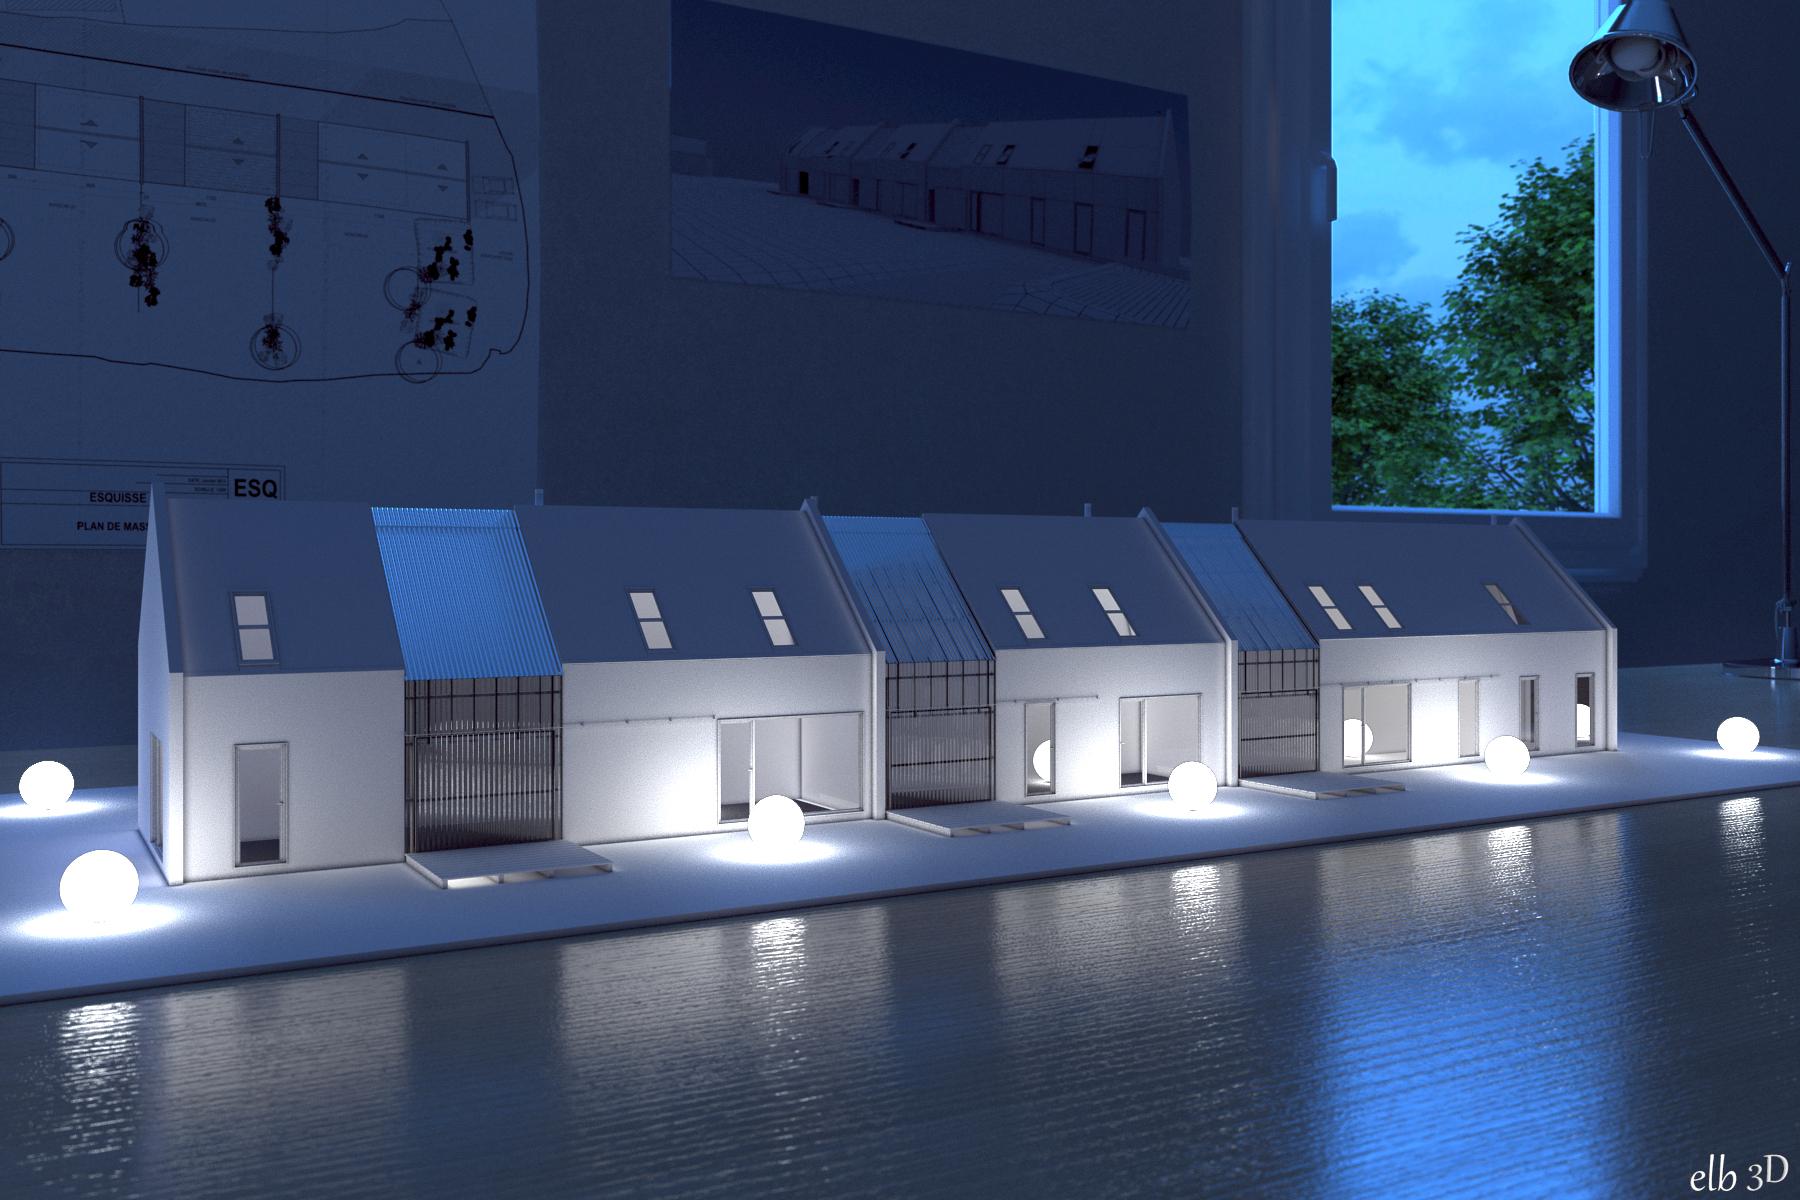 projet pour j e architecte et lc1 architecte elb3d. Black Bedroom Furniture Sets. Home Design Ideas